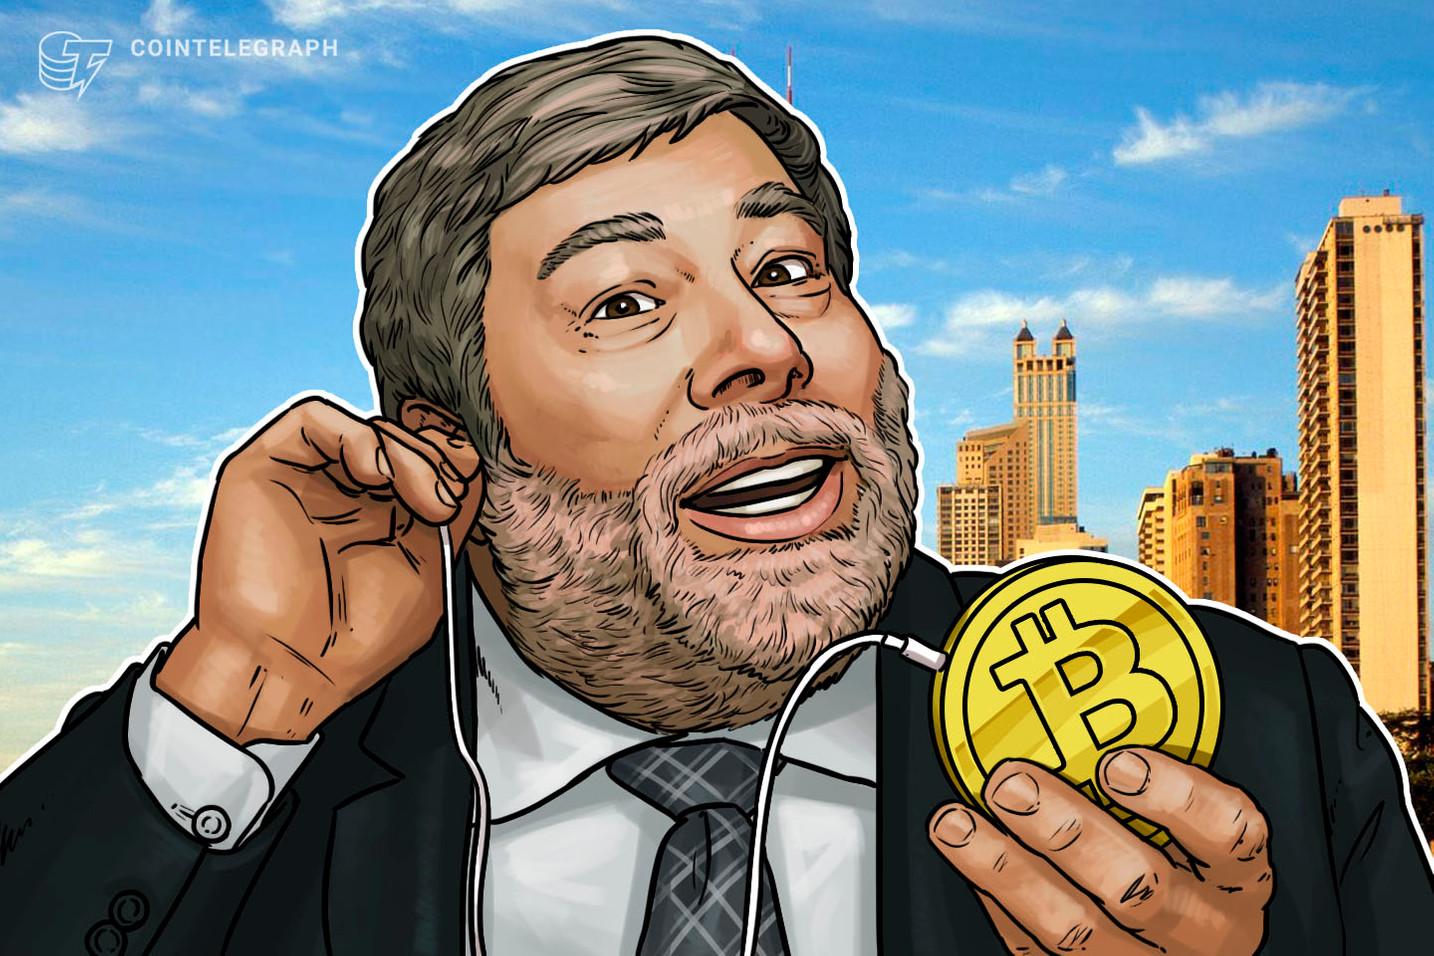 Co-fundador da Apple, Steve Wozniak afirma ter vendido todos os seus Bitcoins quando cotação atingiu US$ 20.000